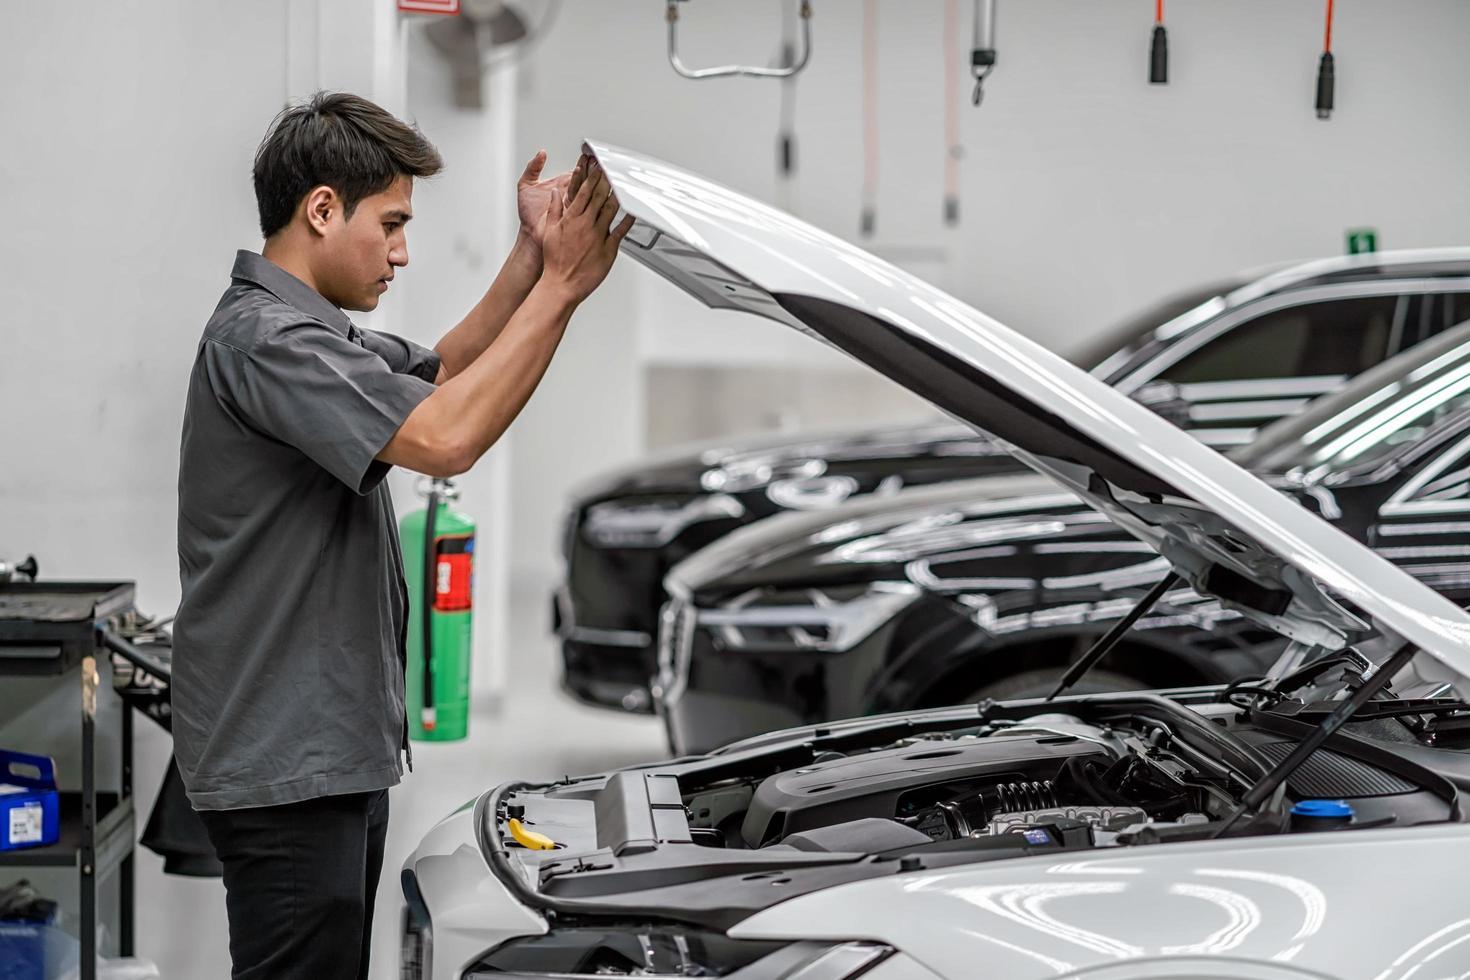 un meccanico guarda sotto il cofano dell'auto di un cliente nel centro servizi di manutenzione foto